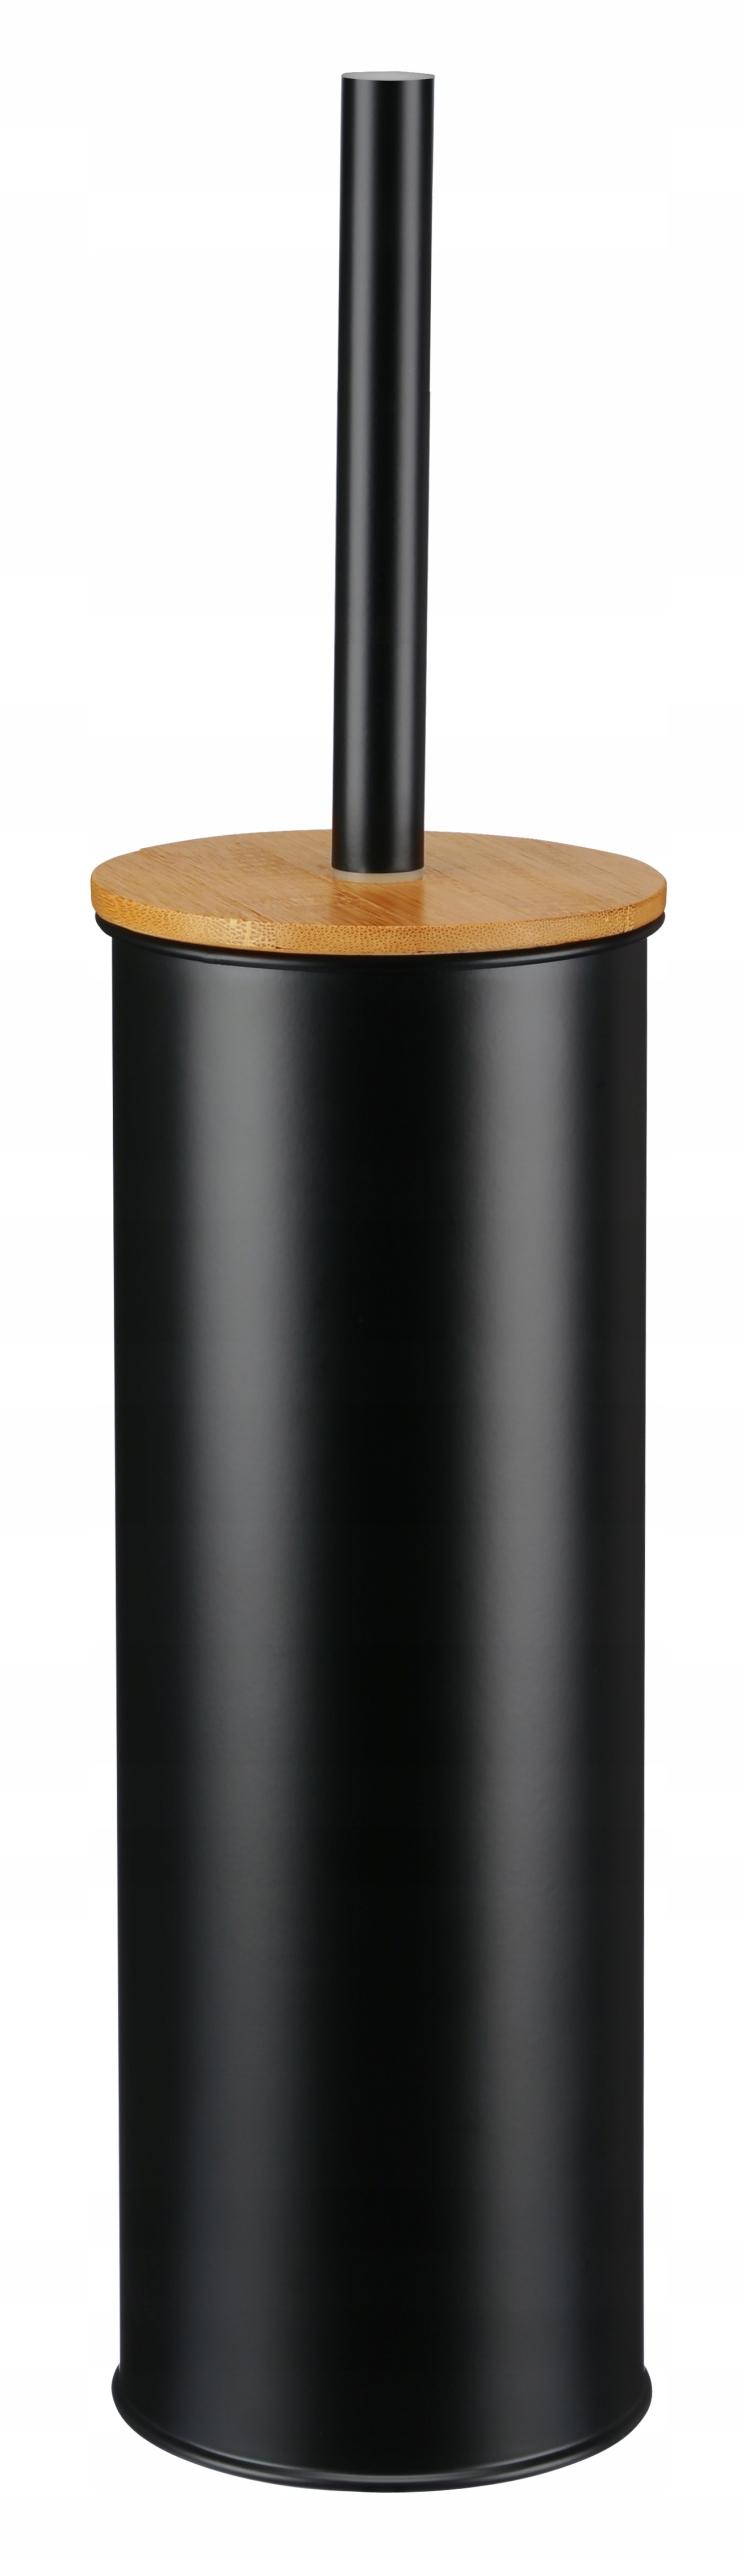 Nowoczesna szczotka do WC bambus czarna